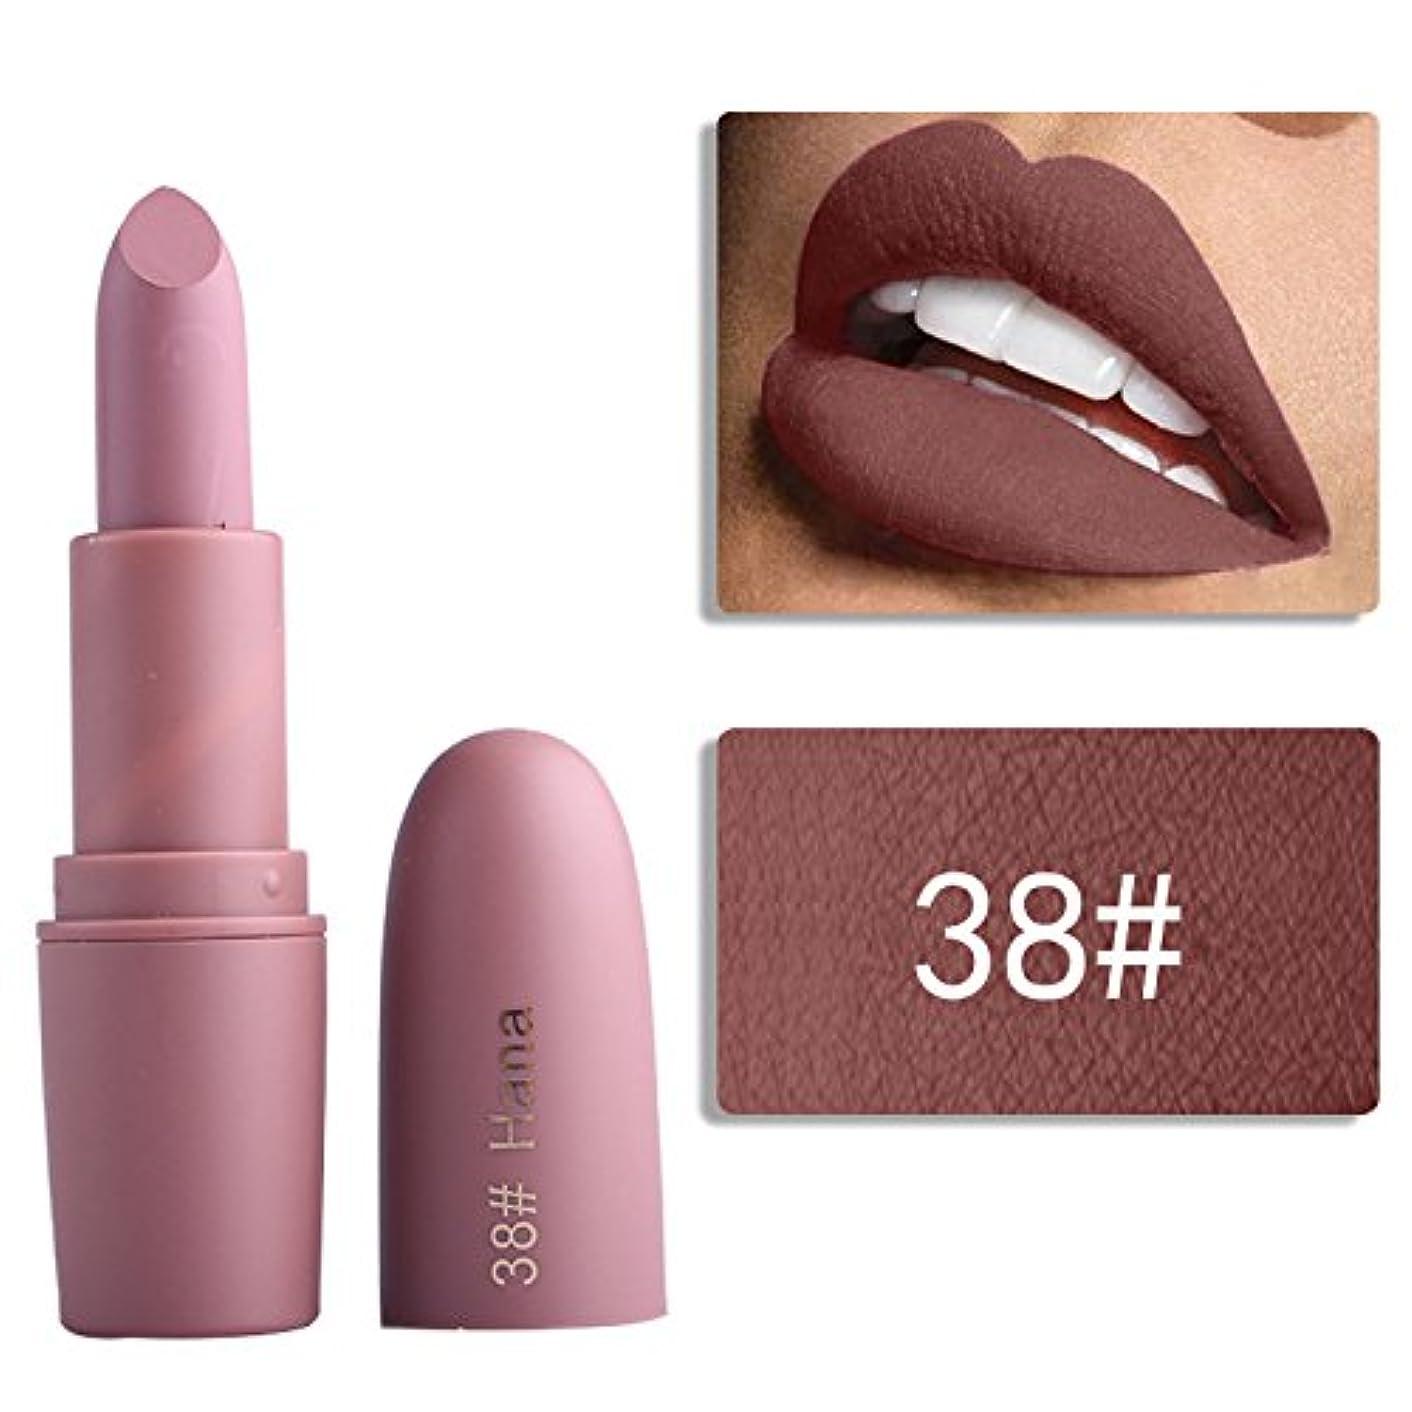 プロペラである悪のMiss Rose Nude Lipstick 22 colors Waterproof Vampire Brown Beauty Baby Lips Batom Matte lipstick Makeup Tats Eugenie...